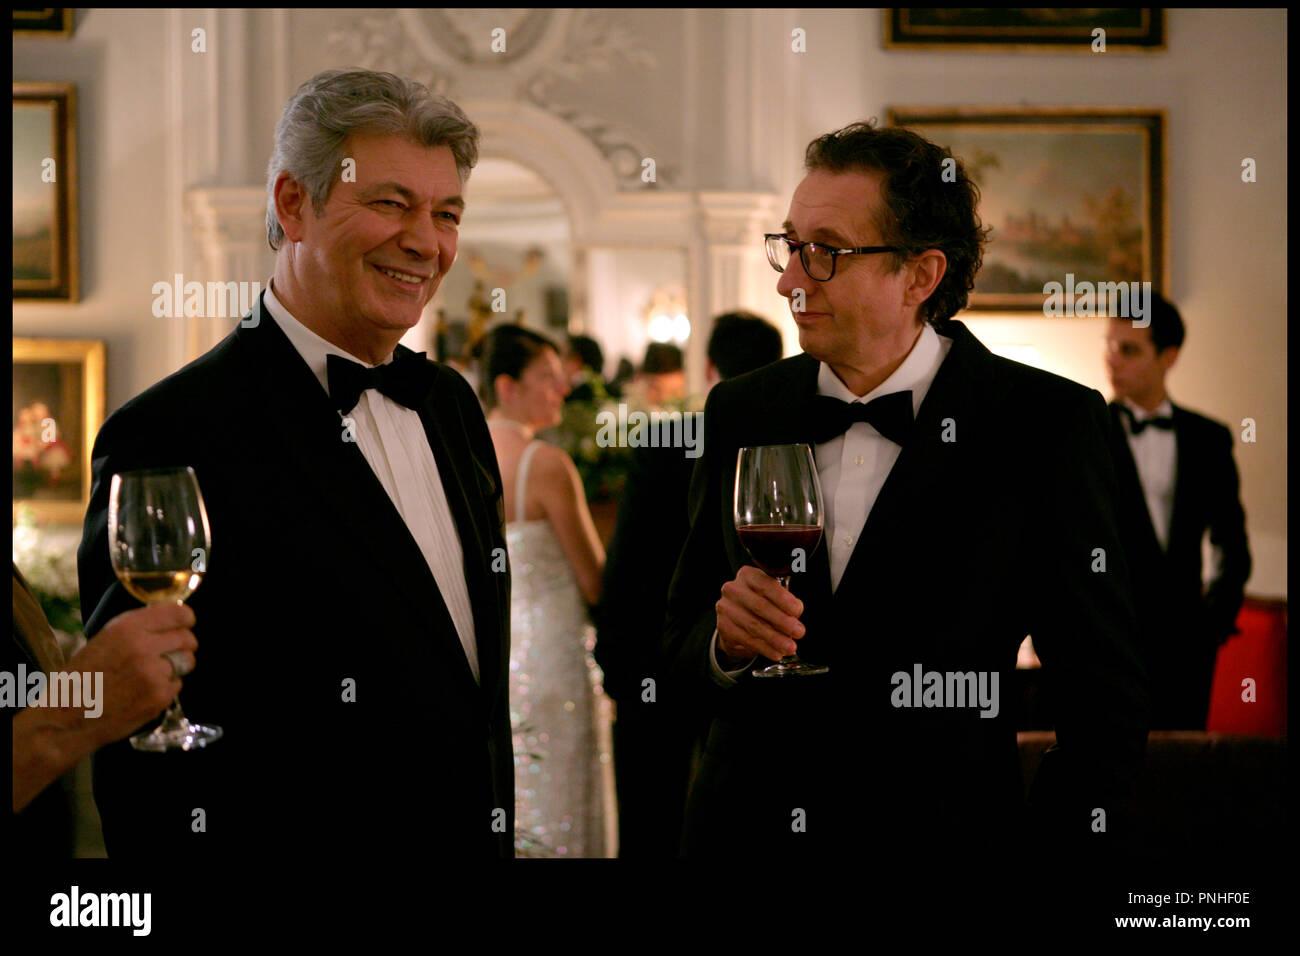 3fa7190d2 Cocktail Cinema Cocktail Stock Photos & Cocktail Cinema Cocktail Stock  Images - Alamy